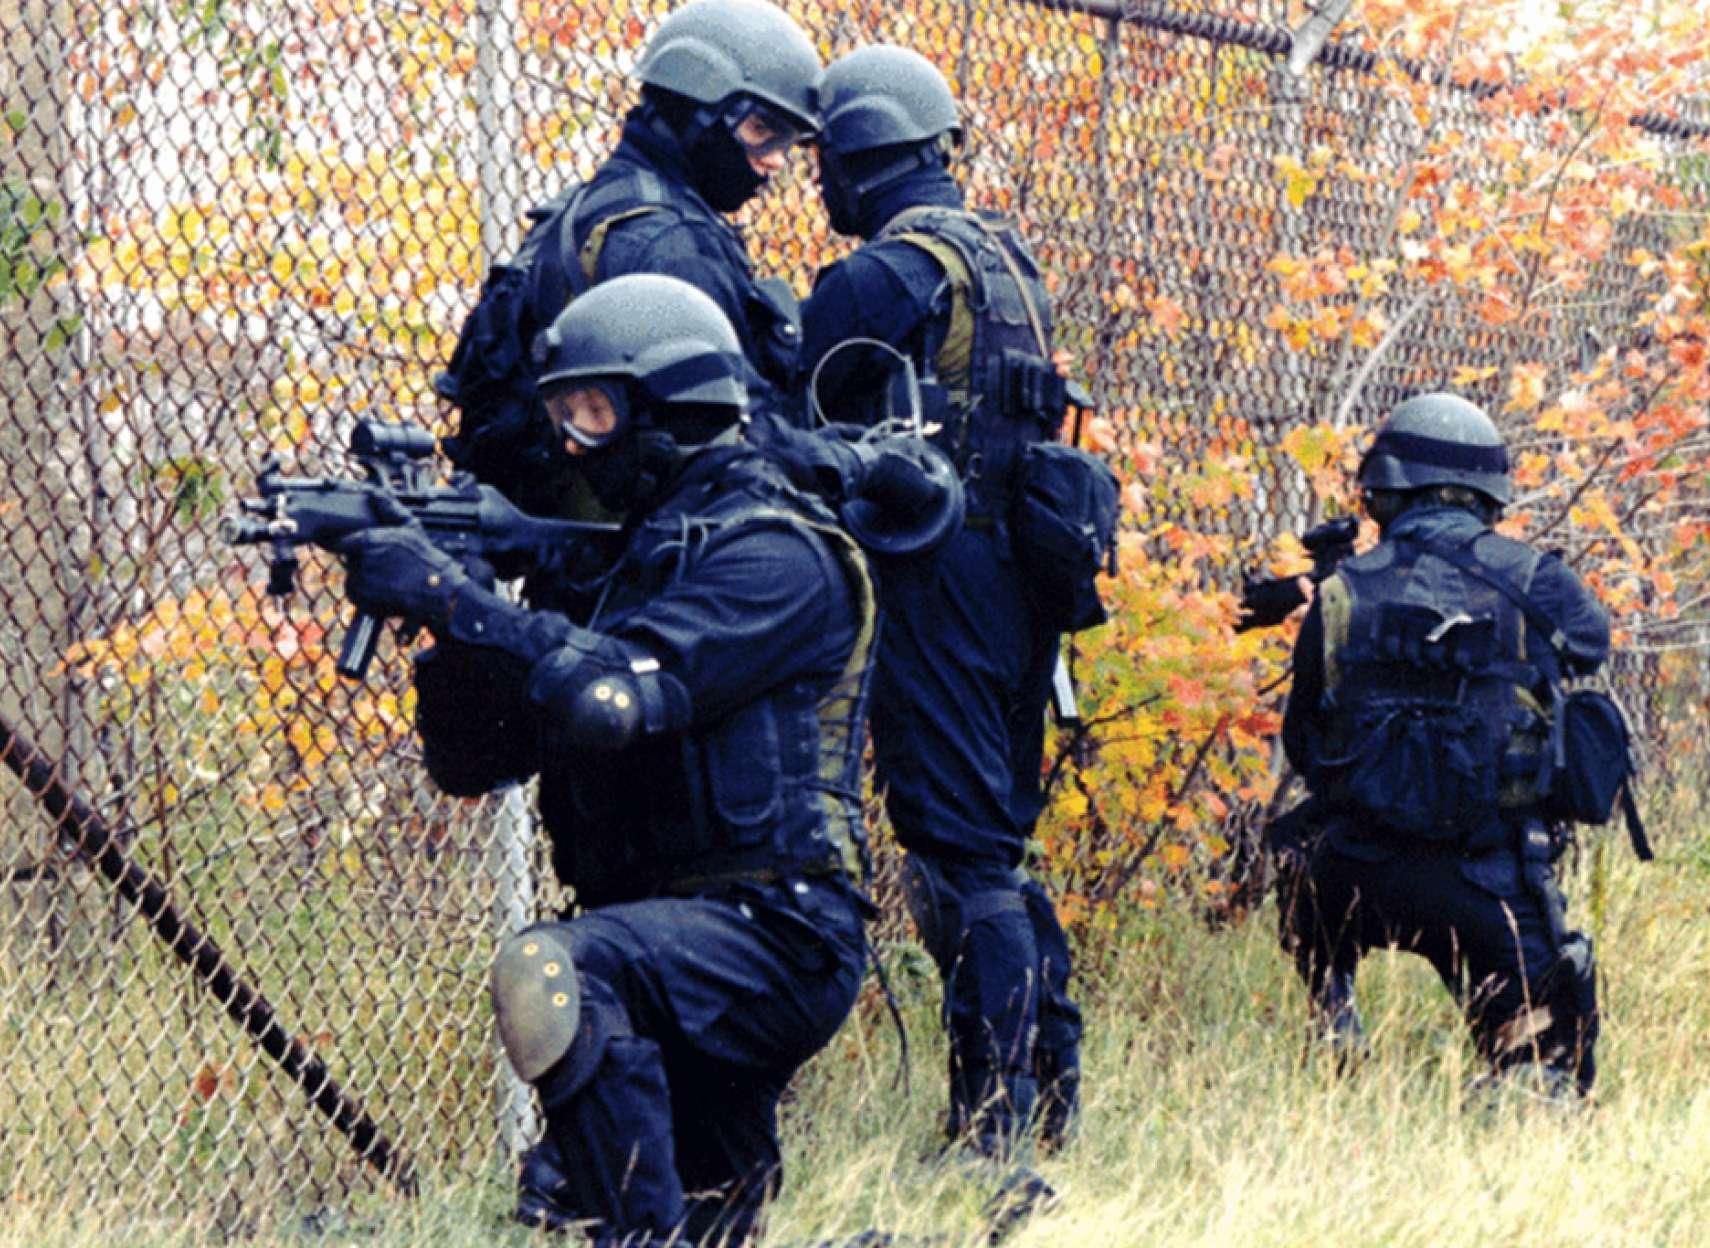 اخبار-کانادا-هزینه-جابجایی-نیروهای-ضدتروریستی-کانادایی-یک-بیلیون-دلار-است